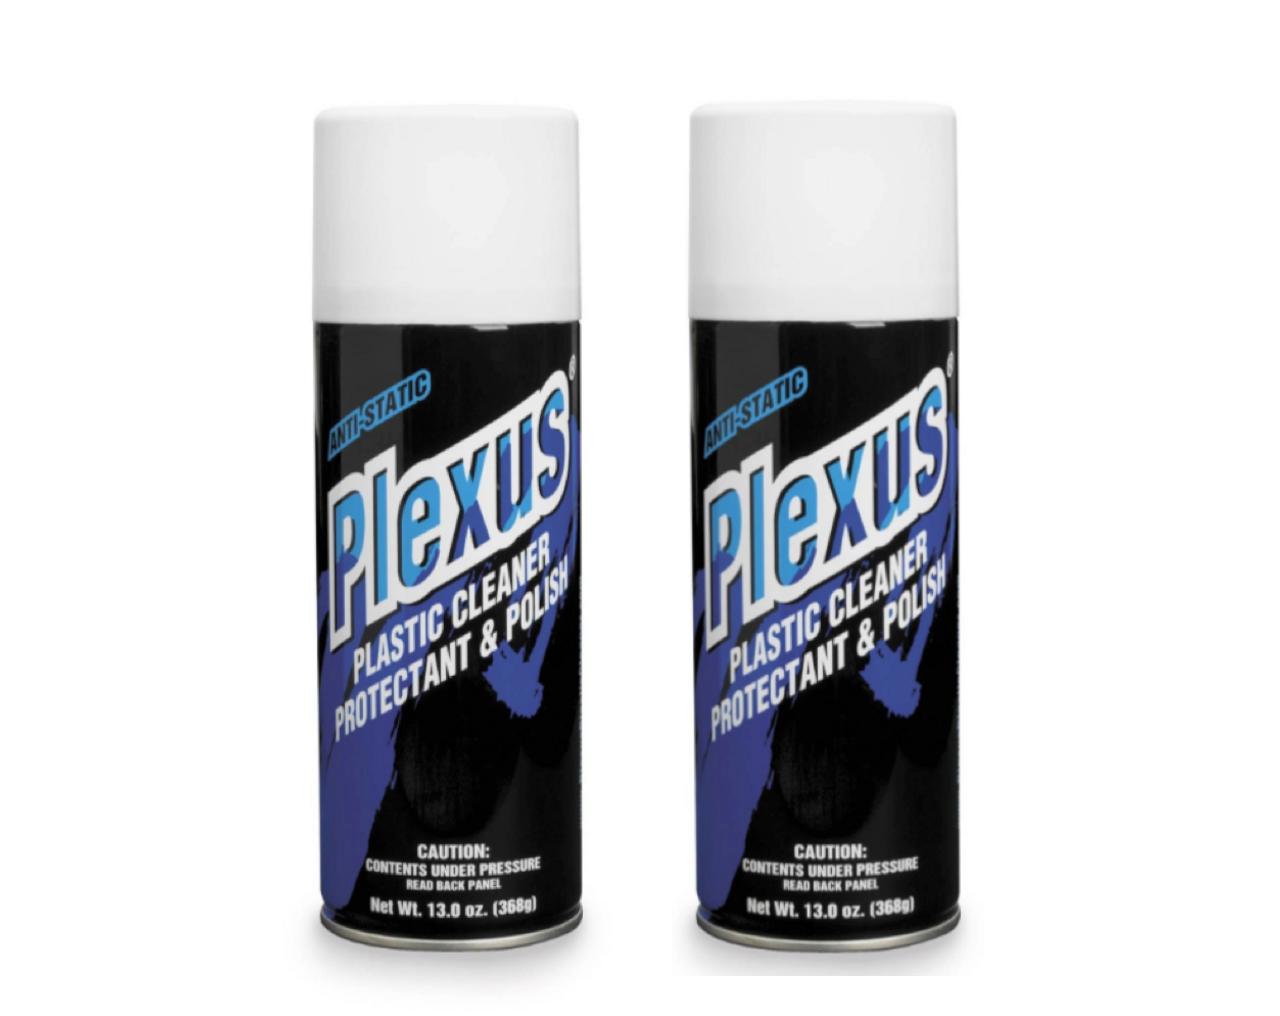 Plexus Plastic Cleaner - 13oz (2 cans)